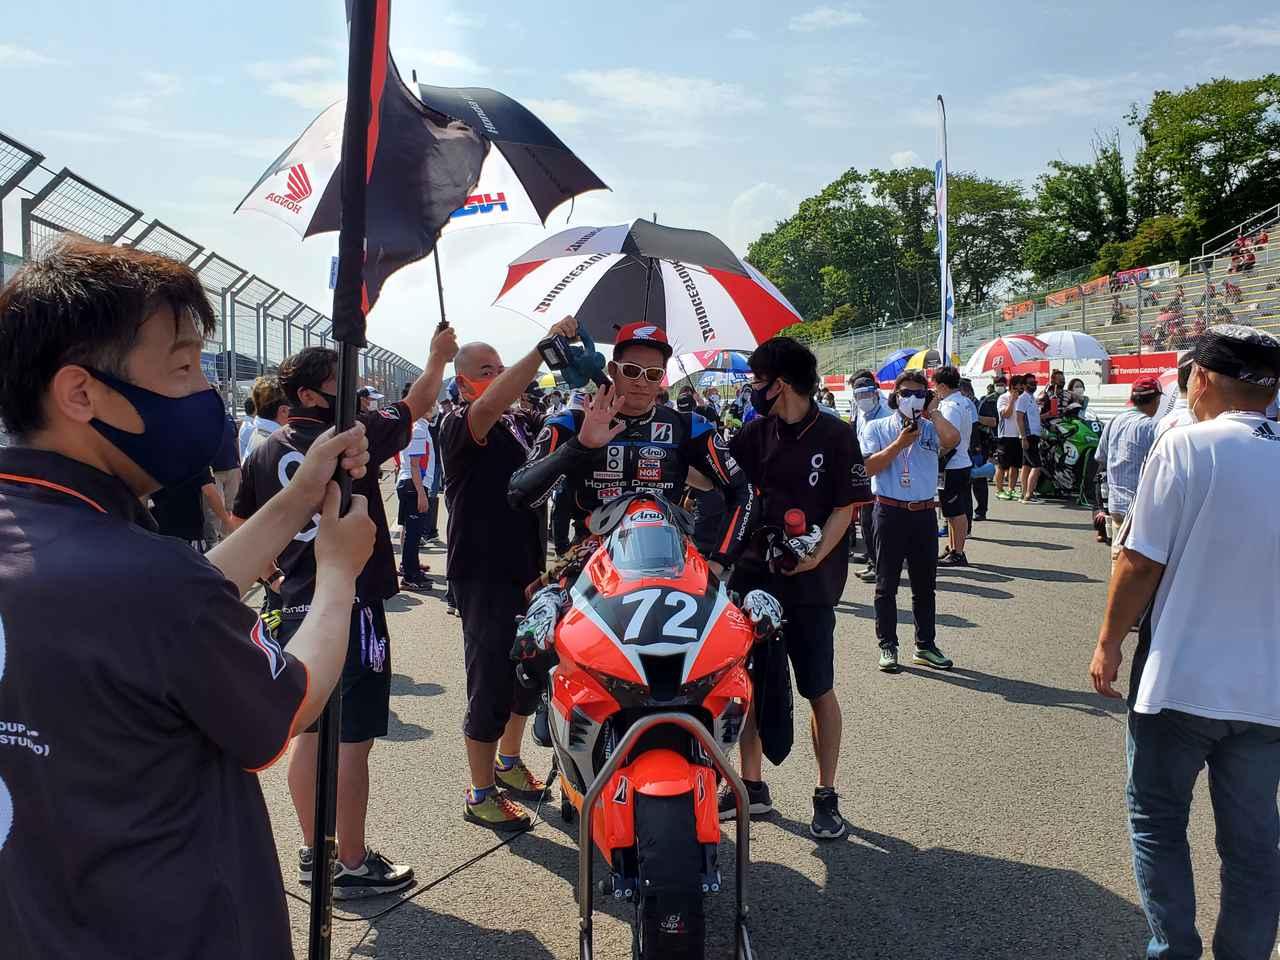 Images : 6番目の画像 - 「60枚以上の写真でお届け! ファンの皆さんも熱かった全日本ロードレースSUGO大会!(大関さおり)」のアルバム - webオートバイ